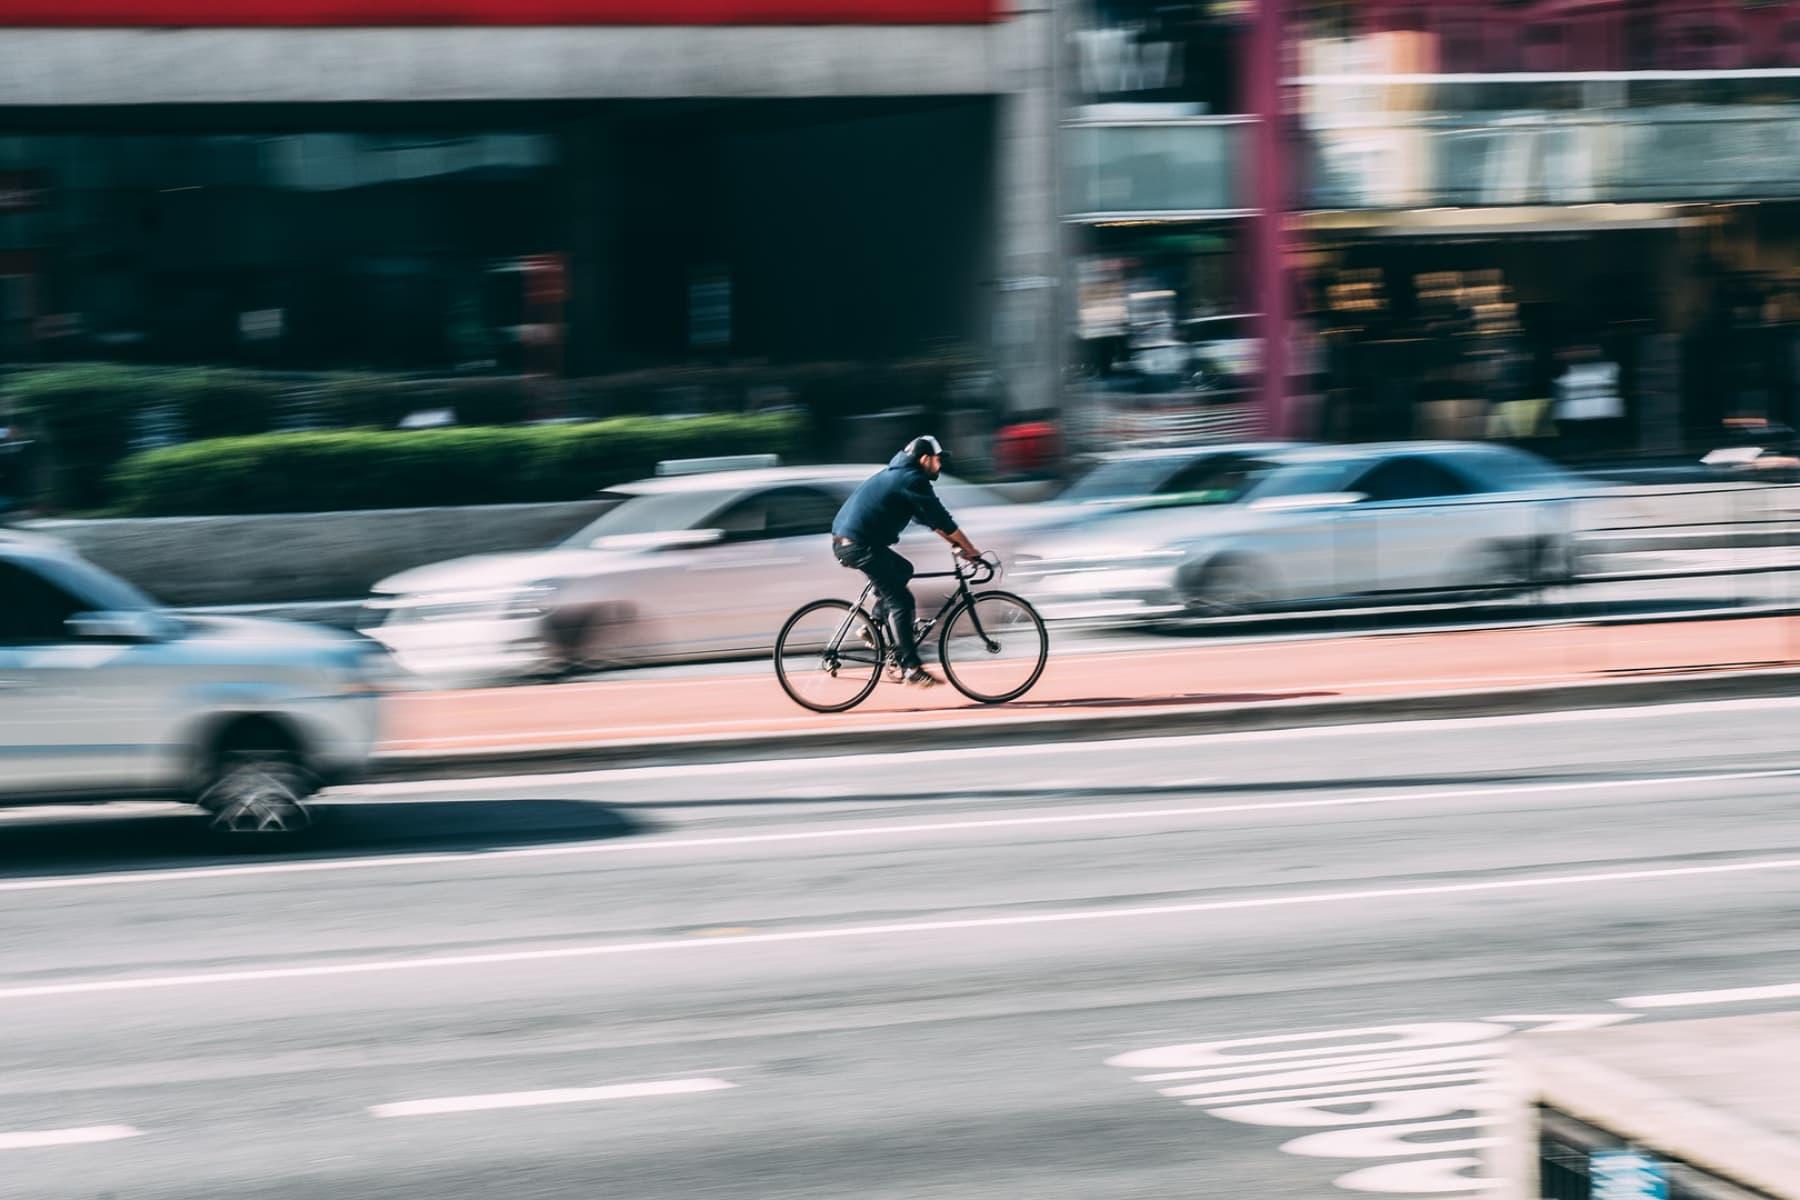 Mobilitäts-Studie: Fahrrad ist Corona-Krisen-Gewinner